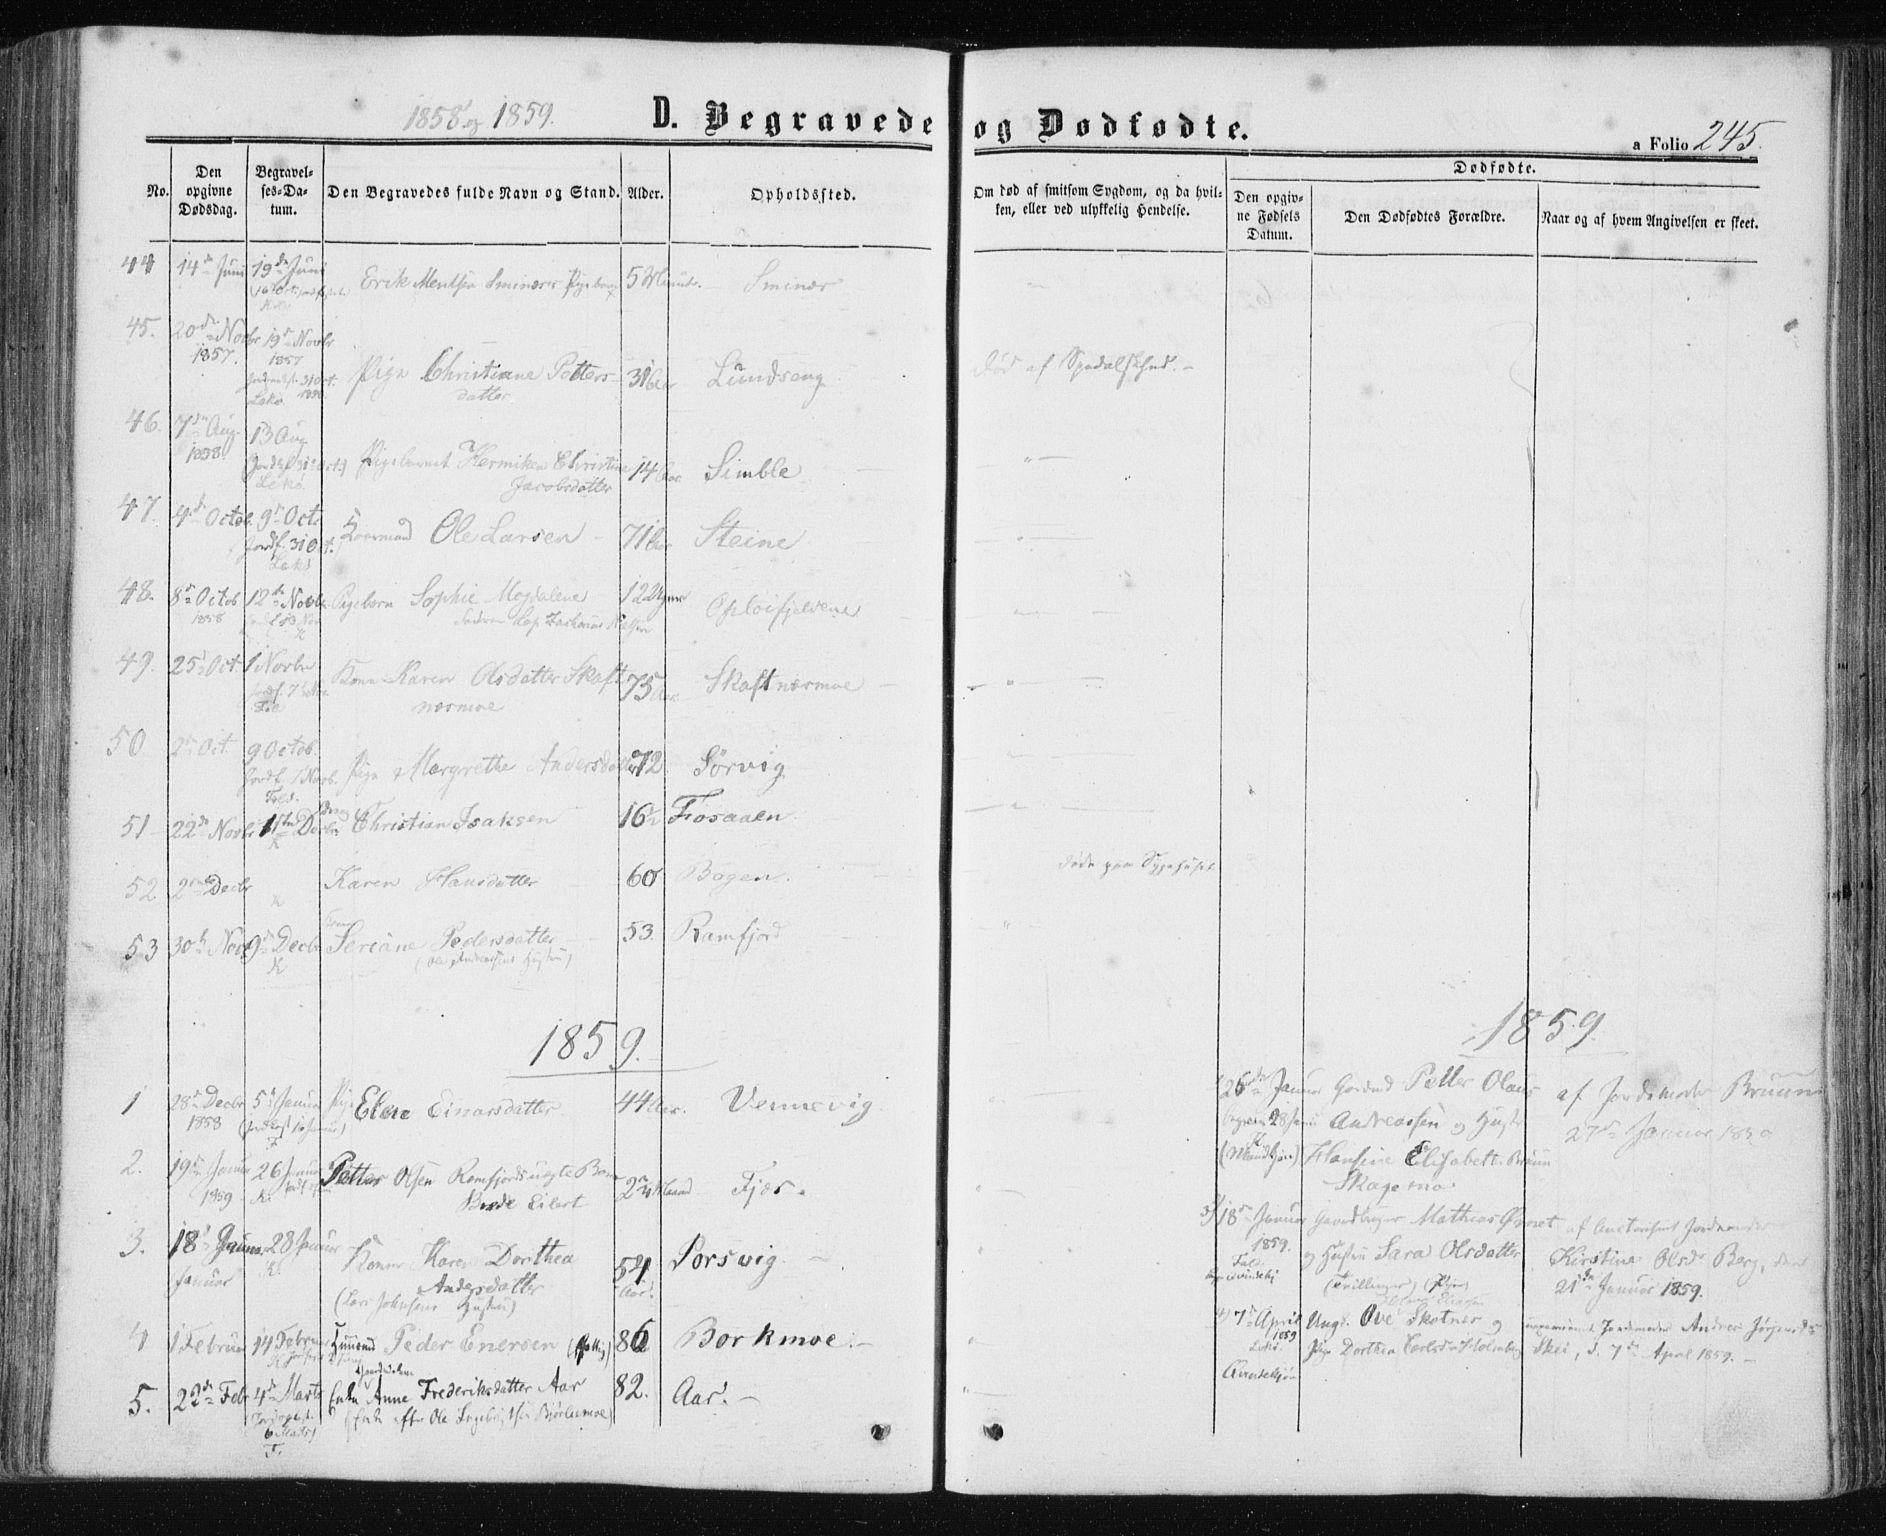 SAT, Ministerialprotokoller, klokkerbøker og fødselsregistre - Nord-Trøndelag, 780/L0641: Ministerialbok nr. 780A06, 1857-1874, s. 245